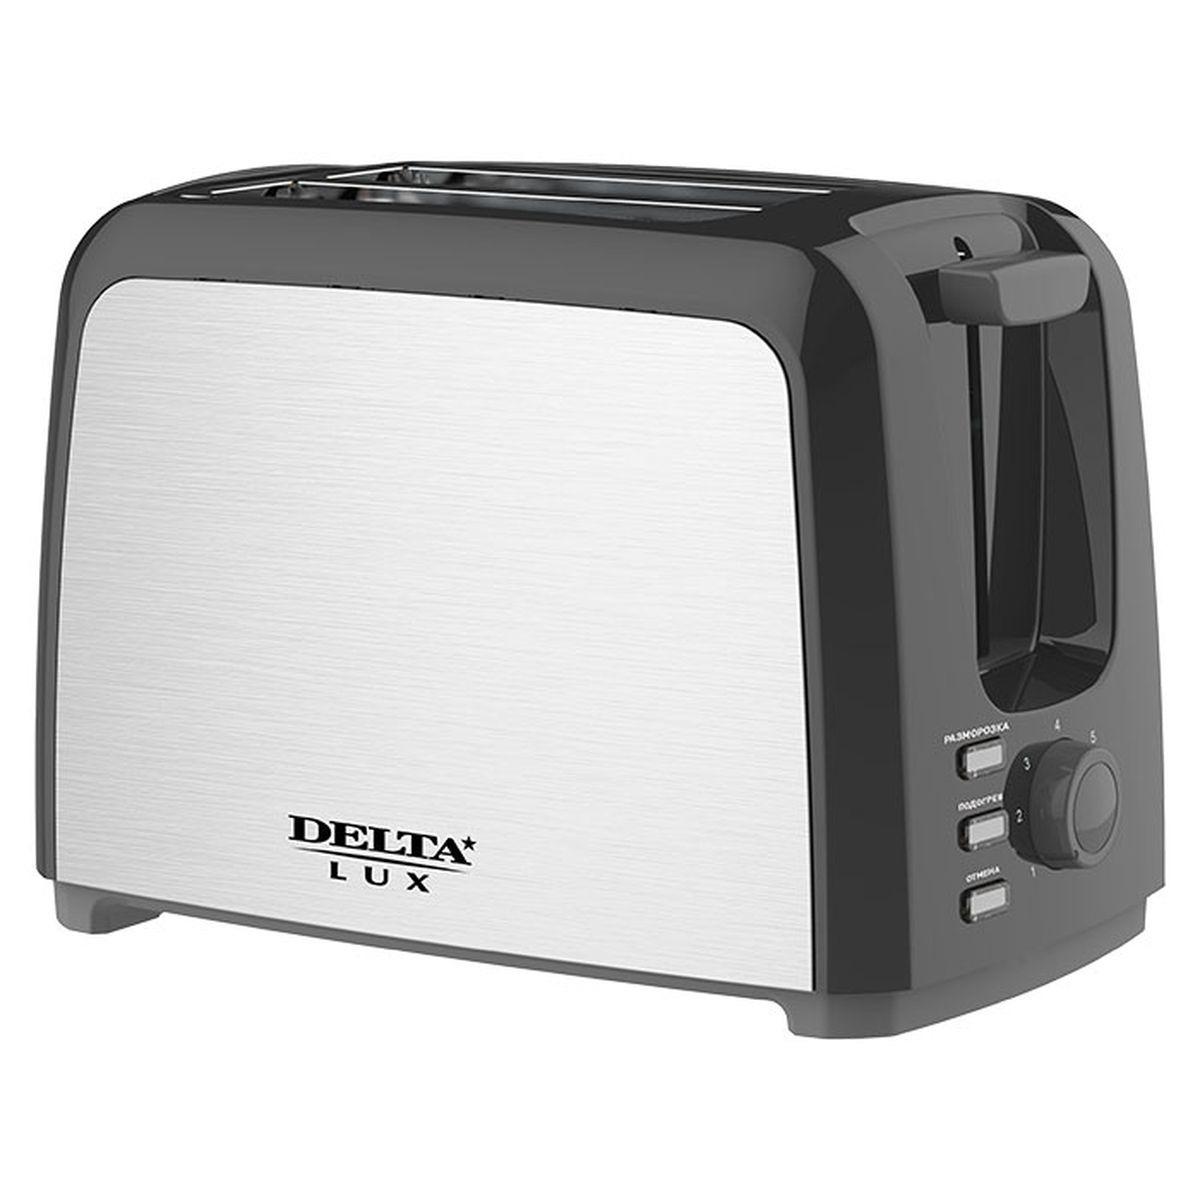 Тостер Delta Lux DL-090, 0R-00006685, черный, серый металлик - Техника для приготовления блюд